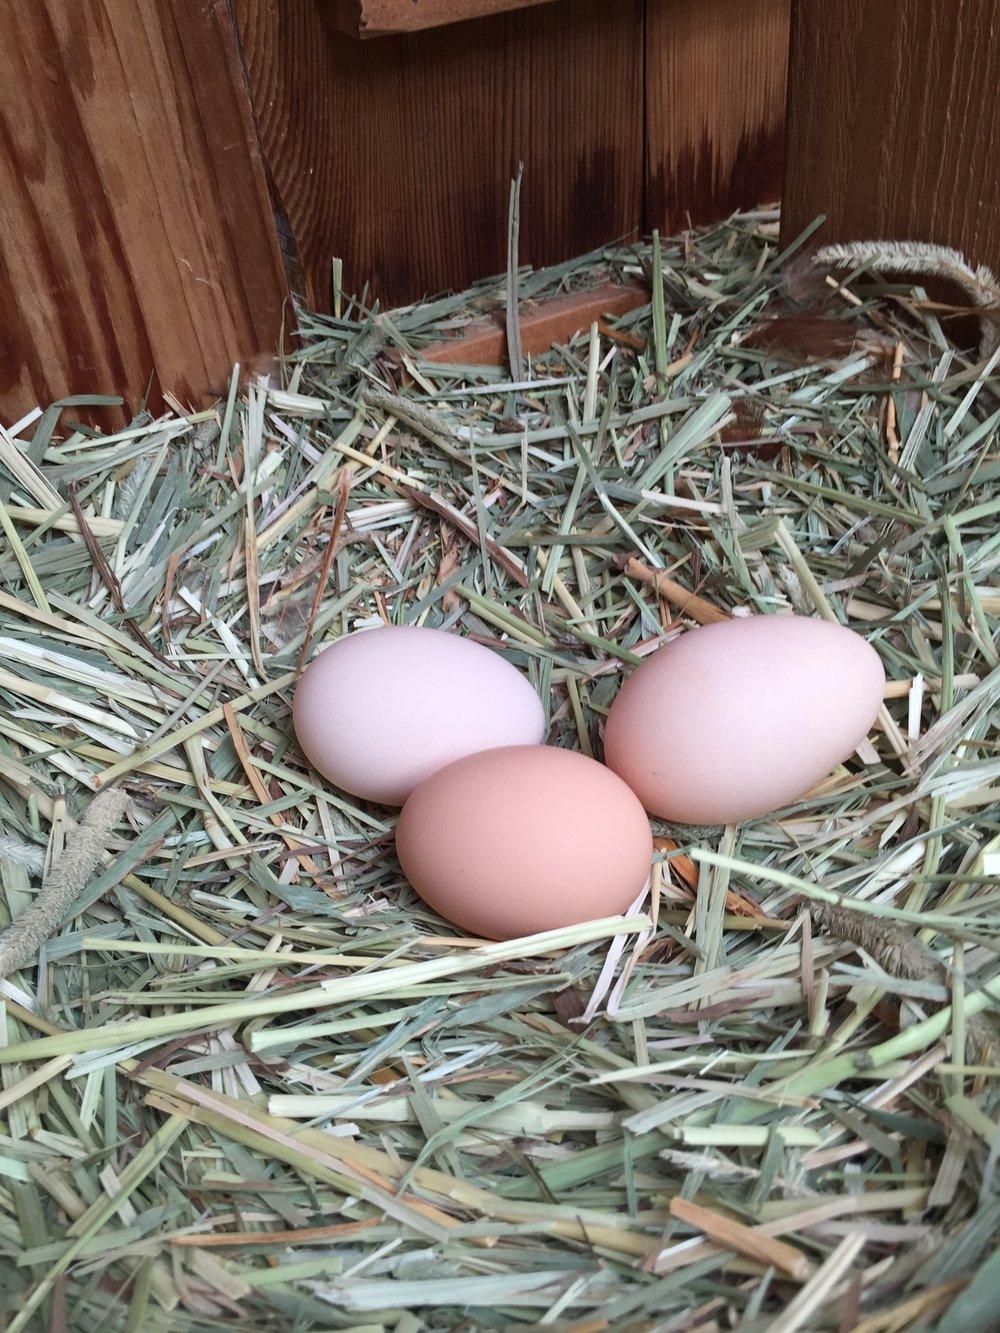 Fresh eggs laid on fresh timothy straw